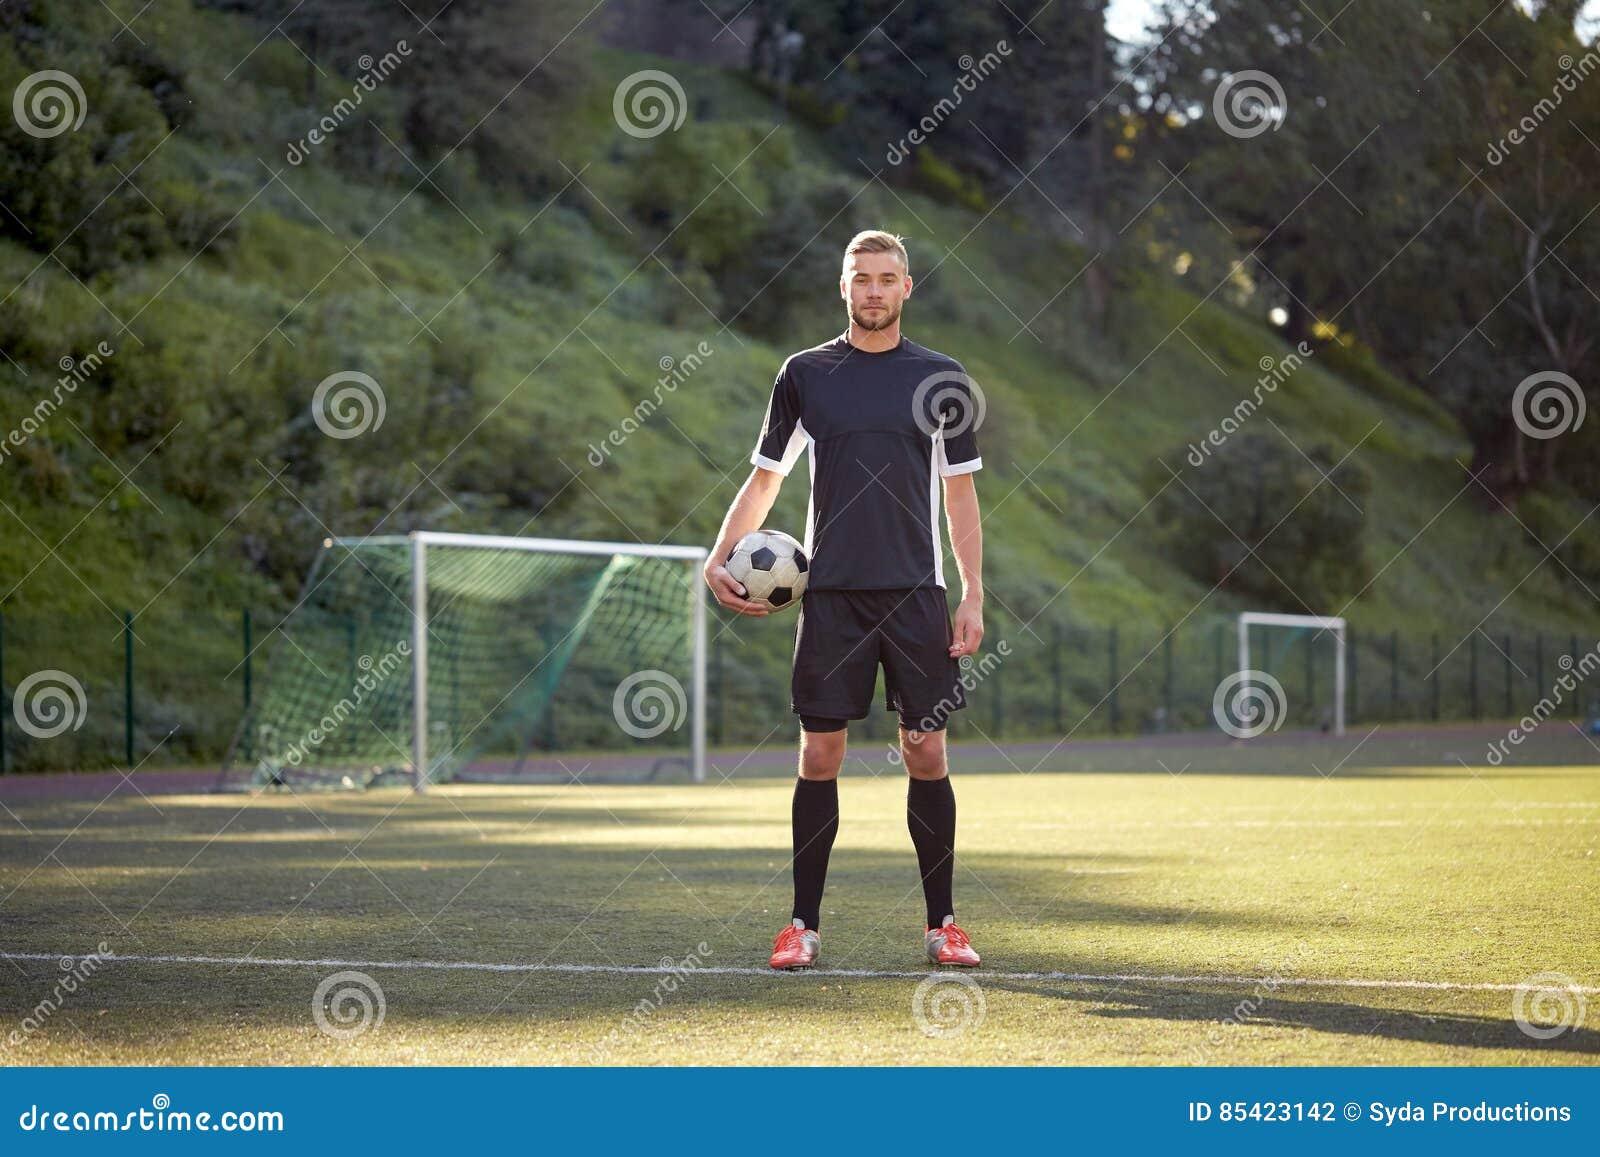 Fußballspieler mit Ball auf Fußballplatz